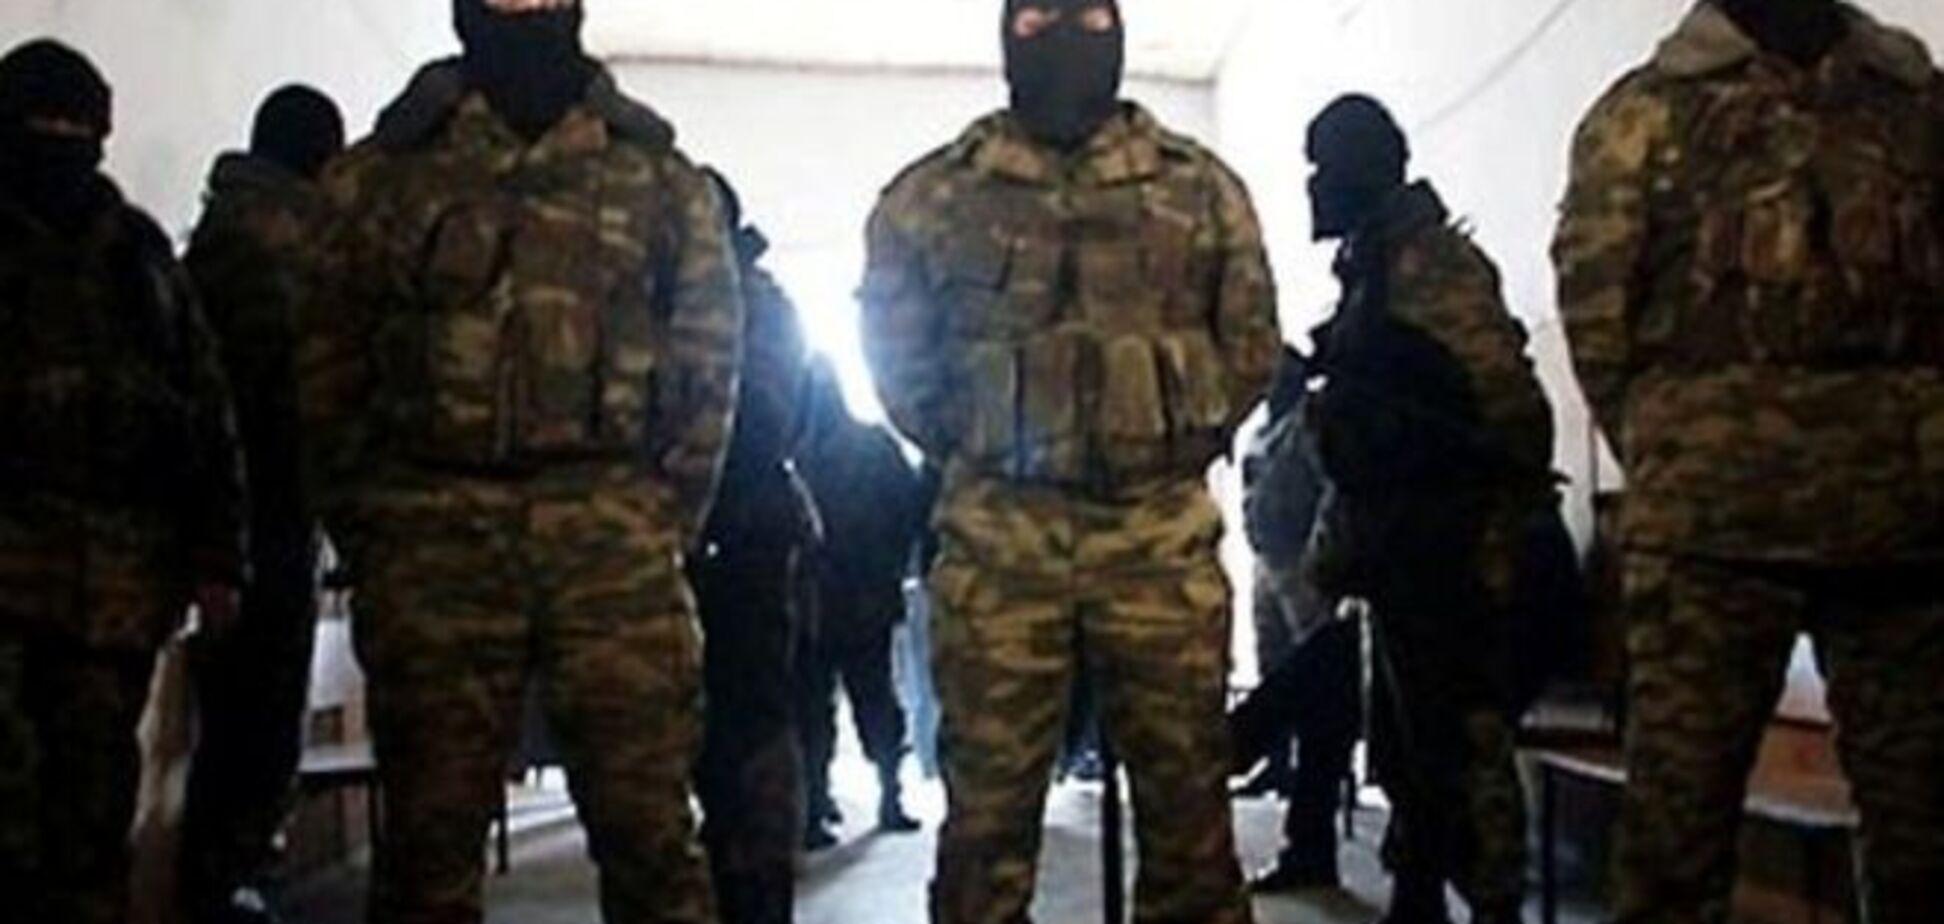 В прифронтовом Мариуполе люди в камуфляже избили семью